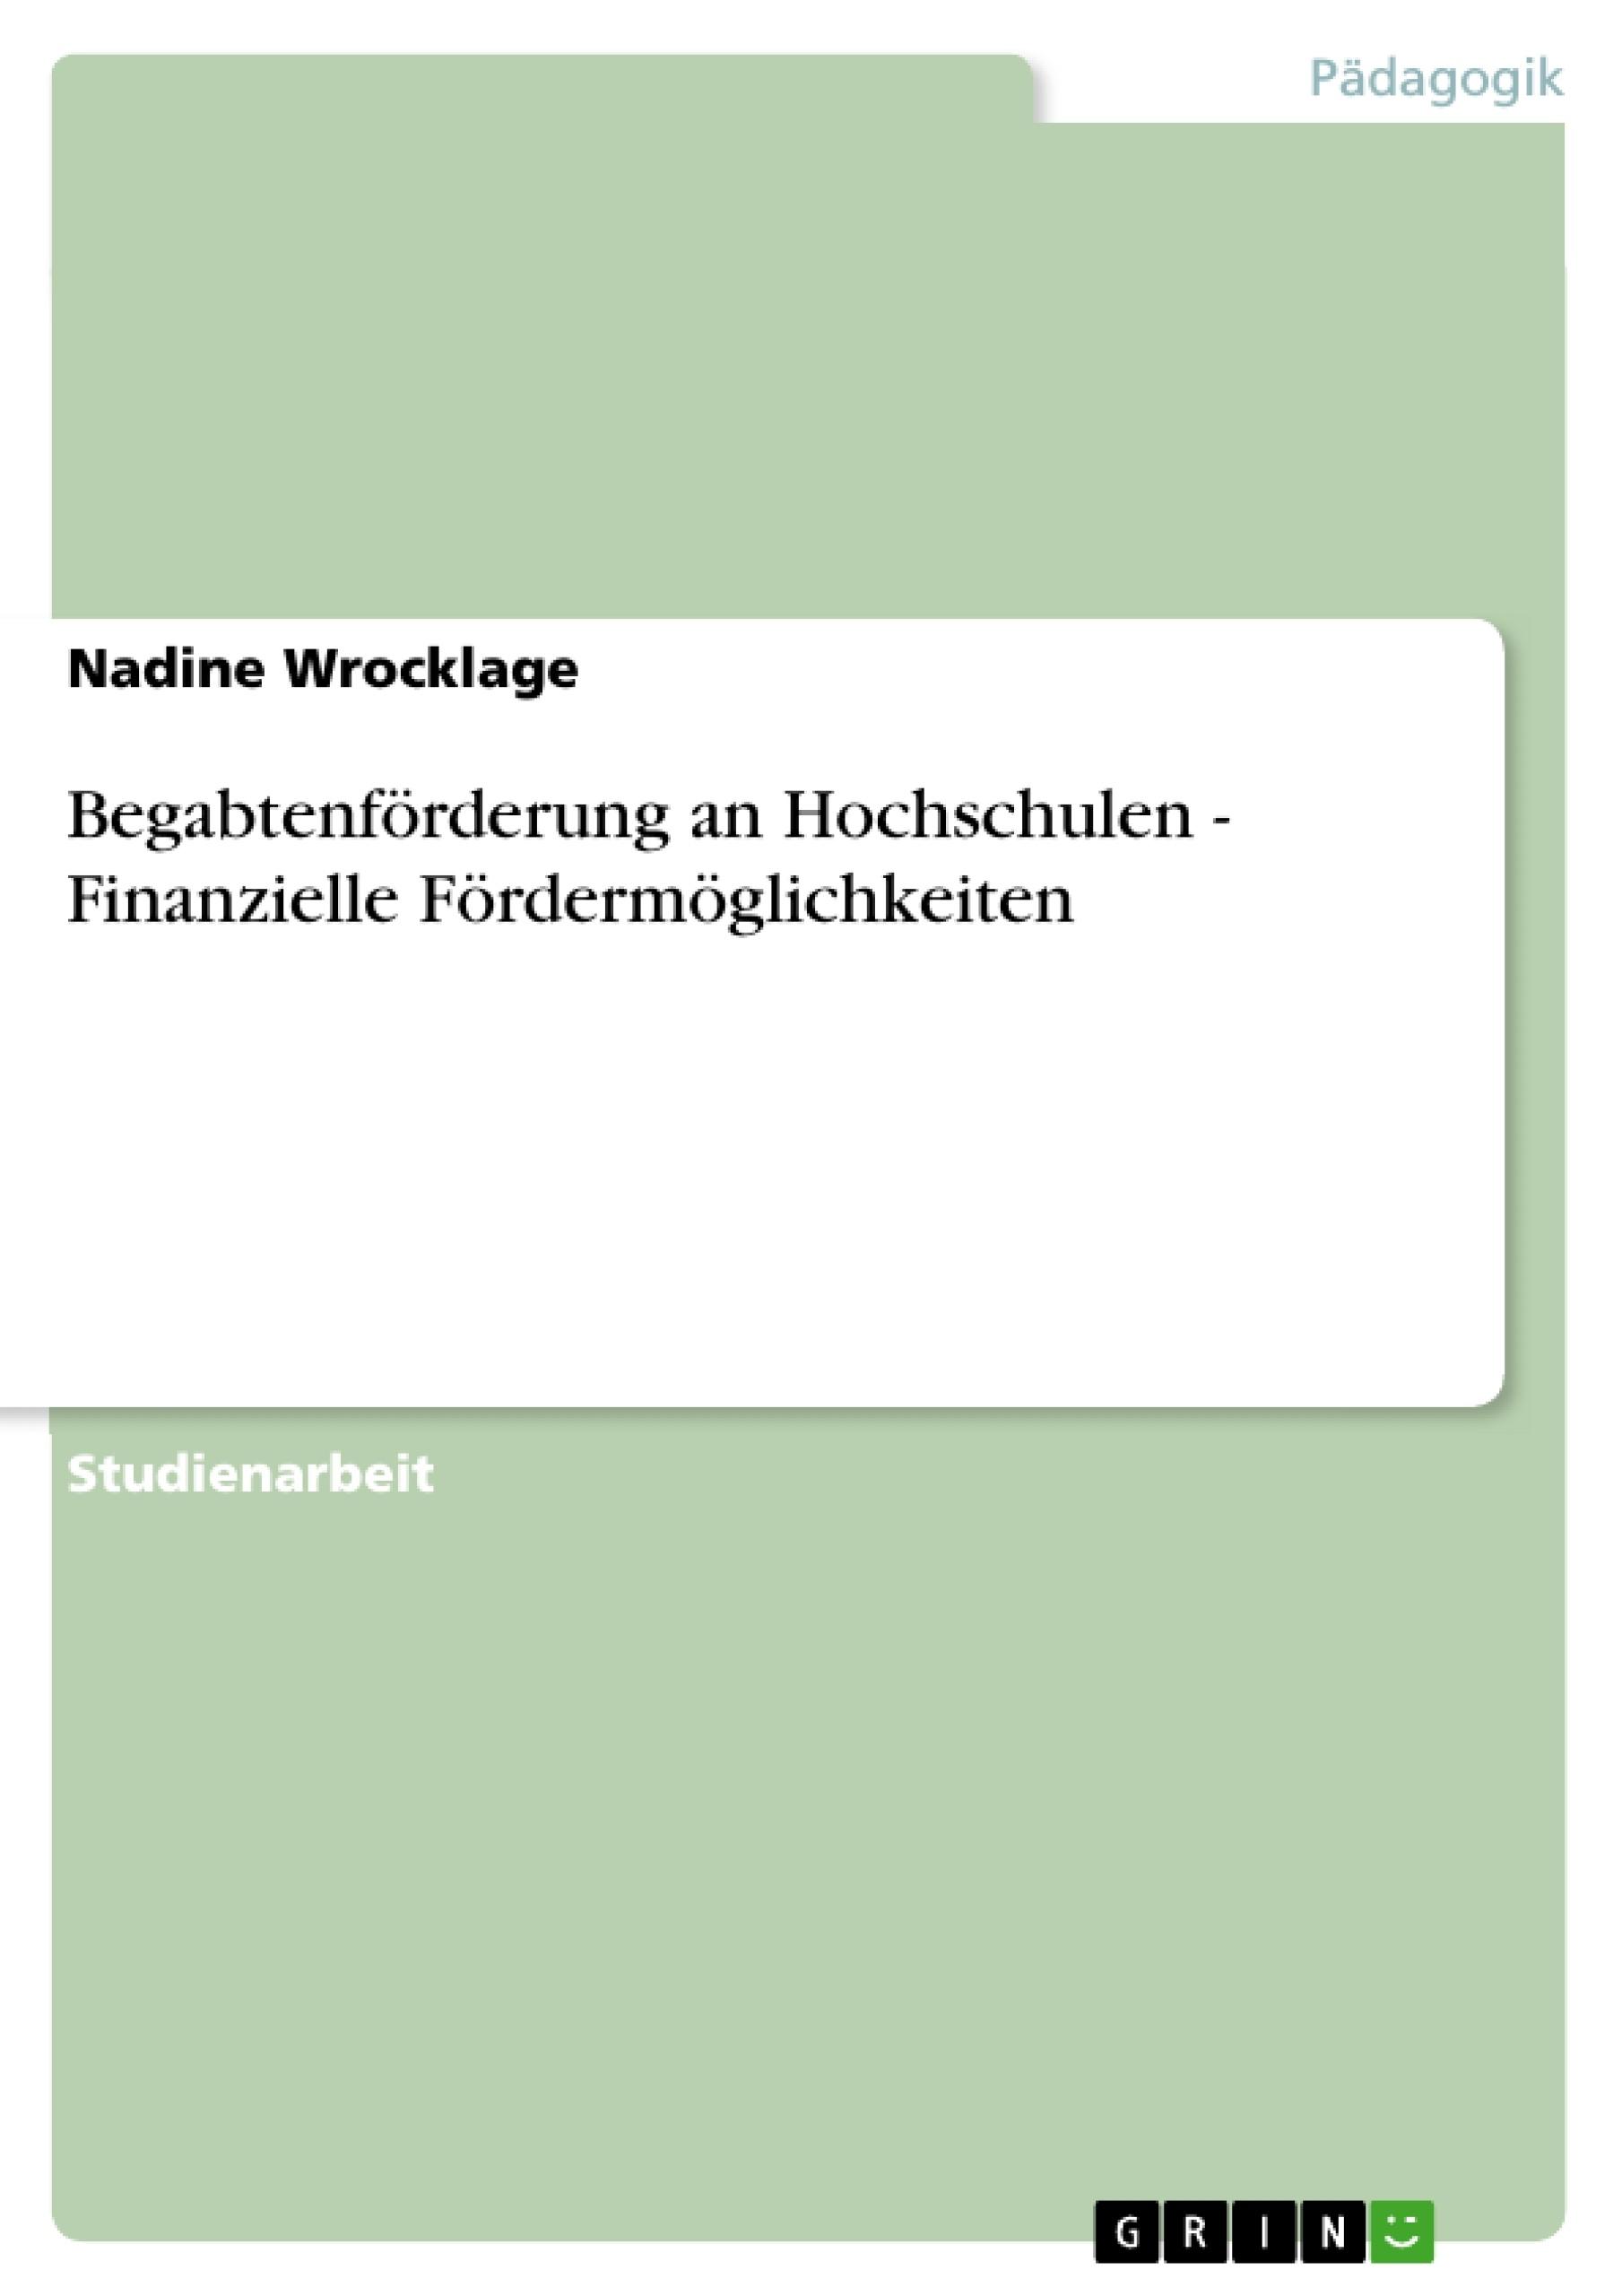 Titel: Begabtenförderung an Hochschulen - Finanzielle Fördermöglichkeiten